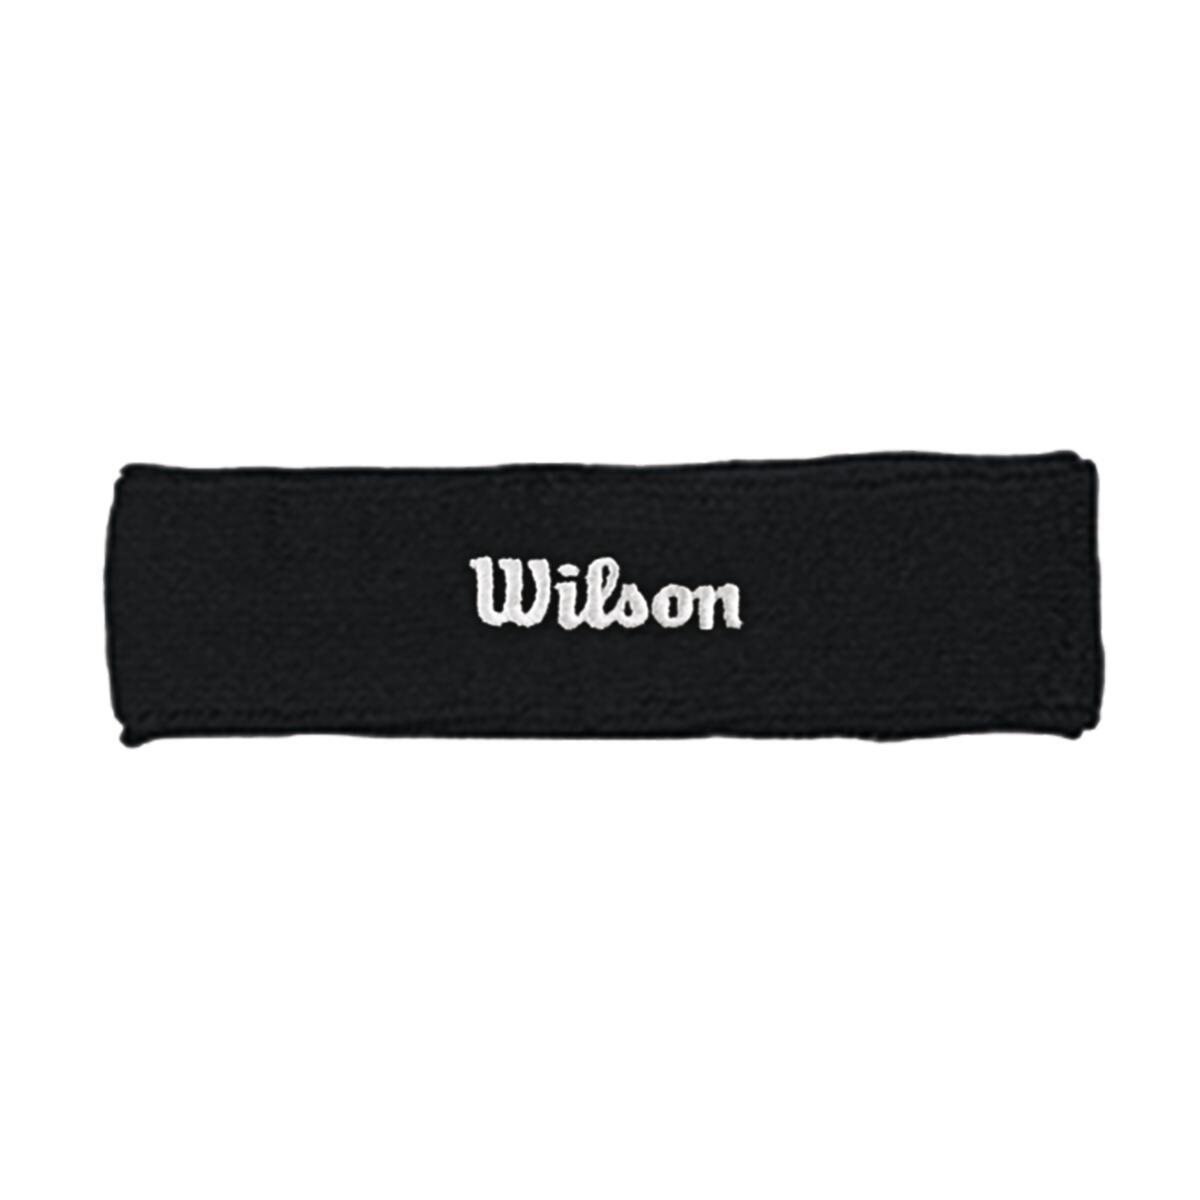 WILSON HEADBAND Bk OSFA